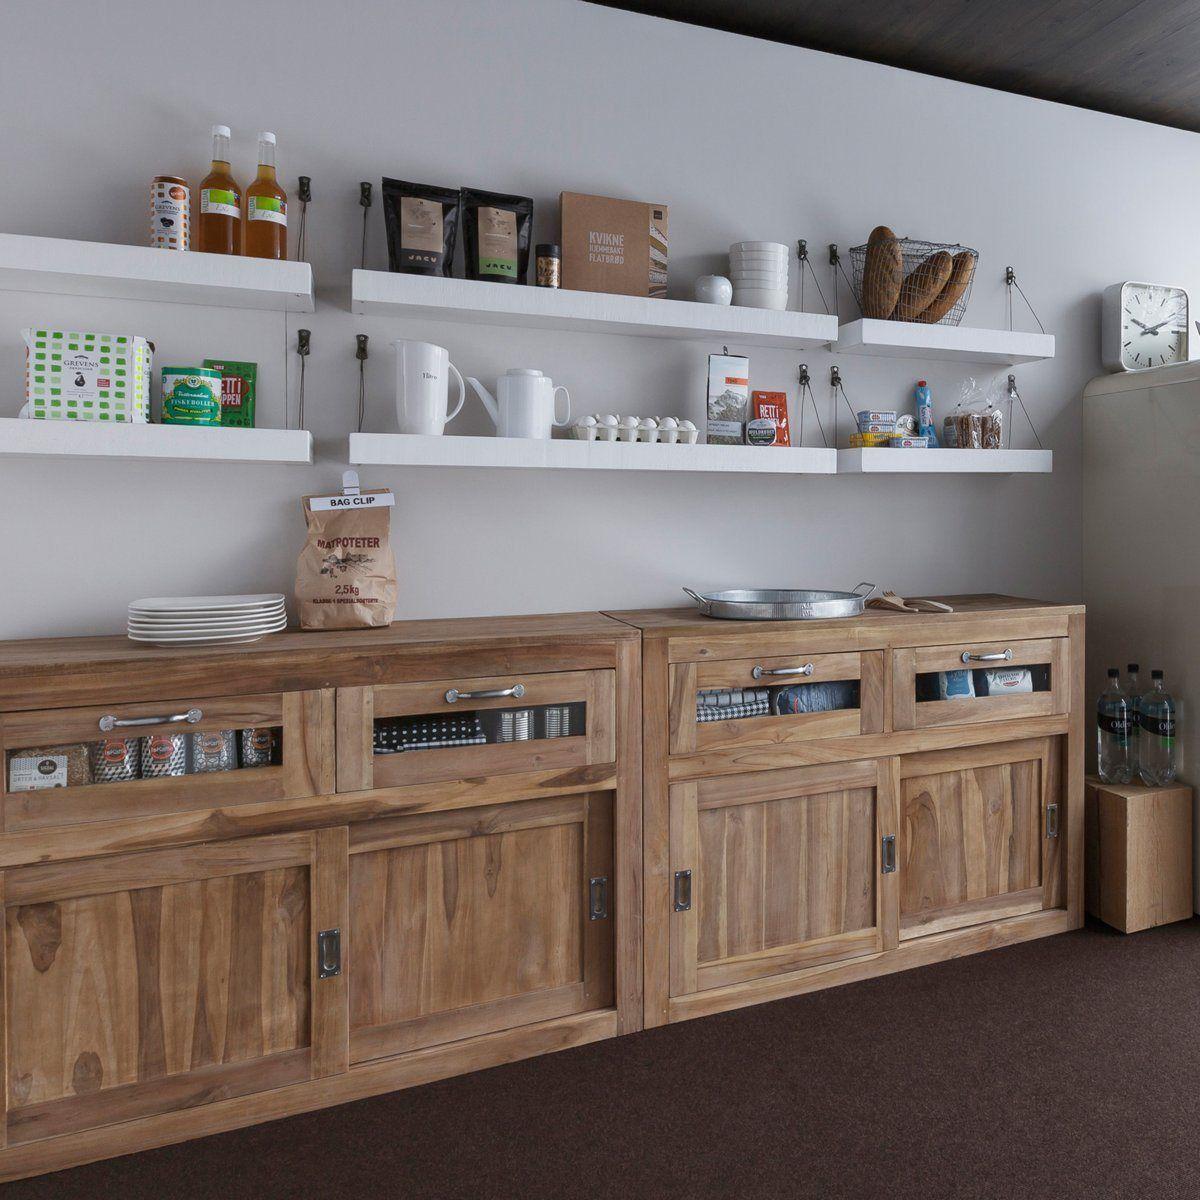 Ampm Cuisine Meubles éléments Indépendants En Bois Meubles - Meuble escalier bois exotique pour idees de deco de cuisine